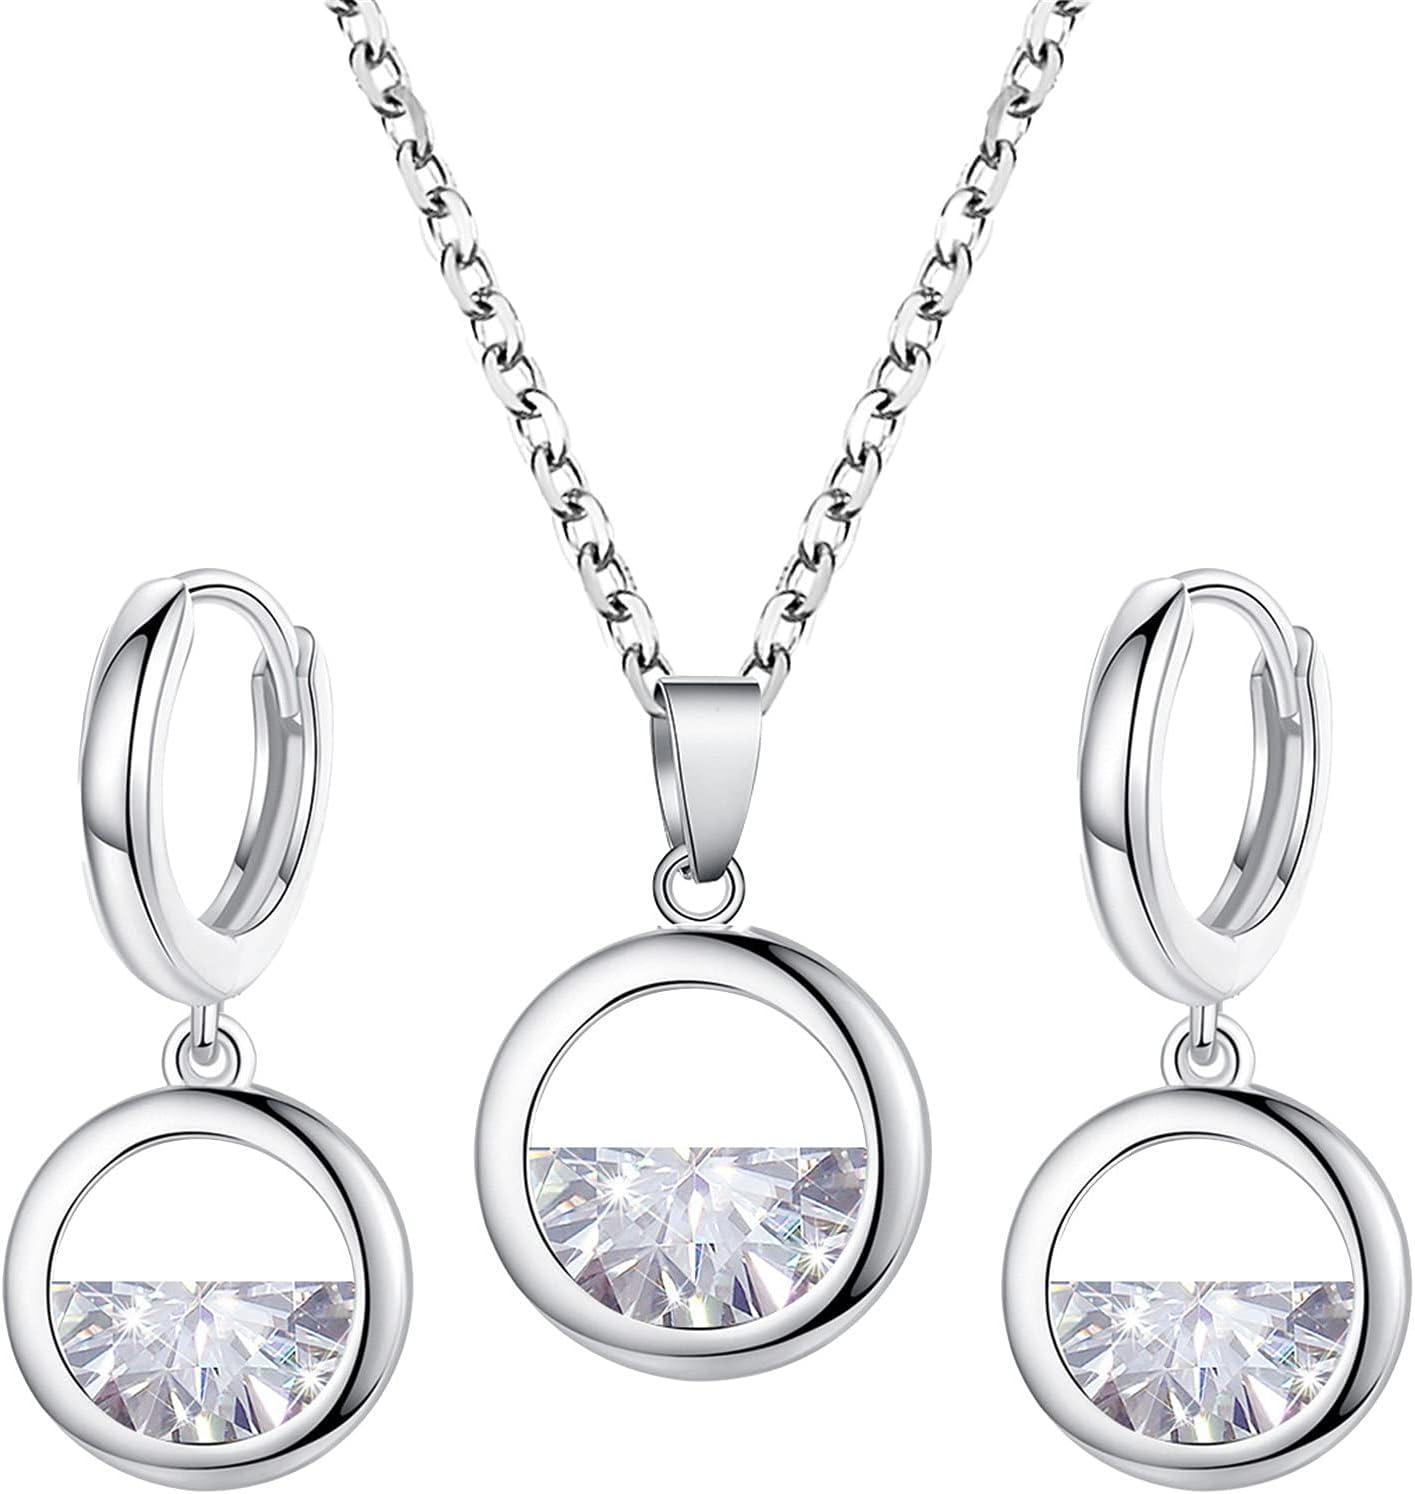 Necklace Ring Earring Set Women Elegant Earrings Charm Jewelry Pendant Set (EarringD+NecklaceD)